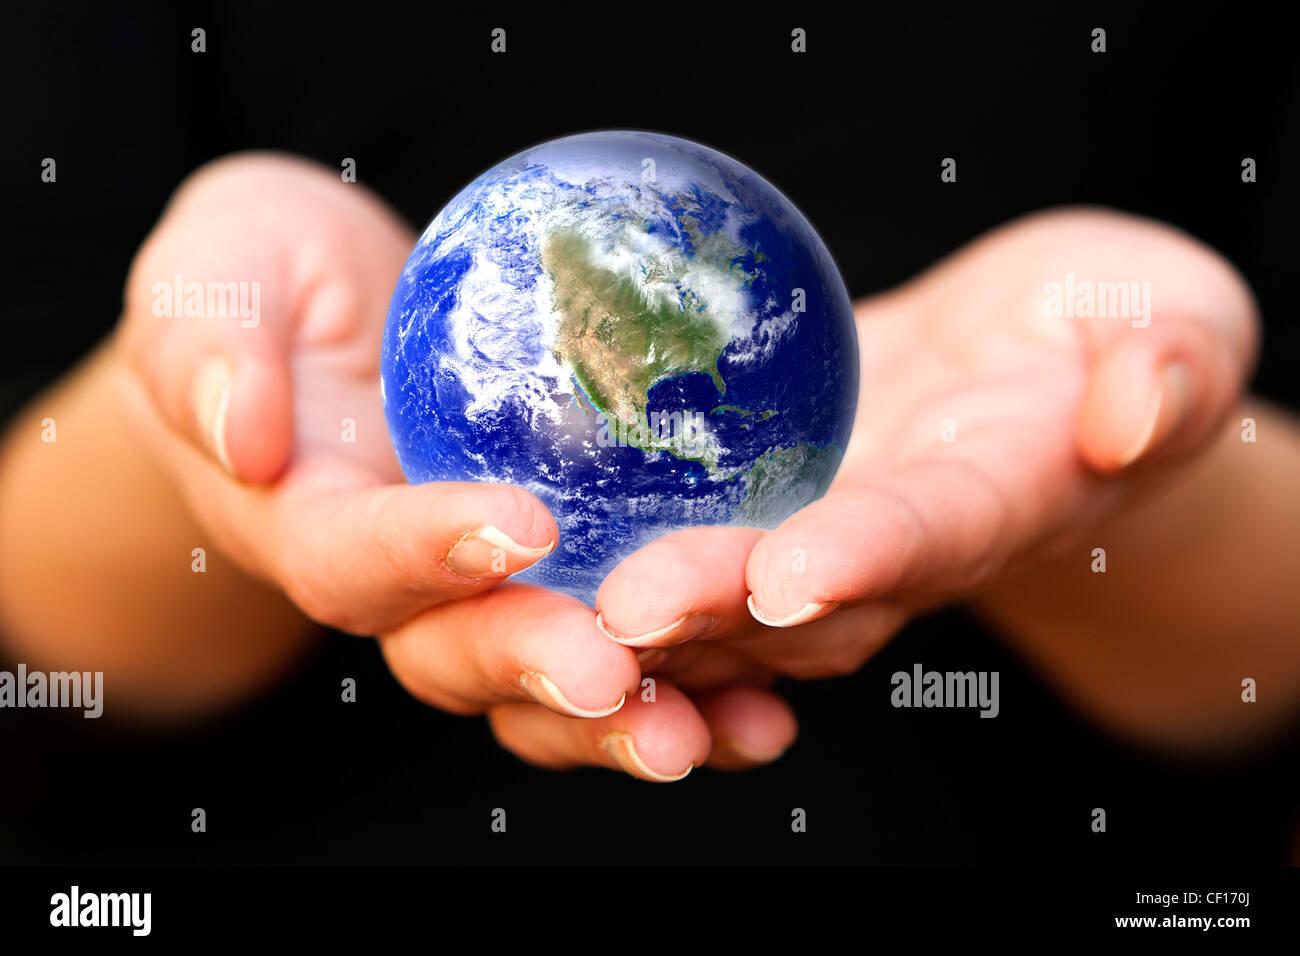 Le mani umane tenendo attentamente il pianeta Terra. Mondo di vetro Immagini Stock